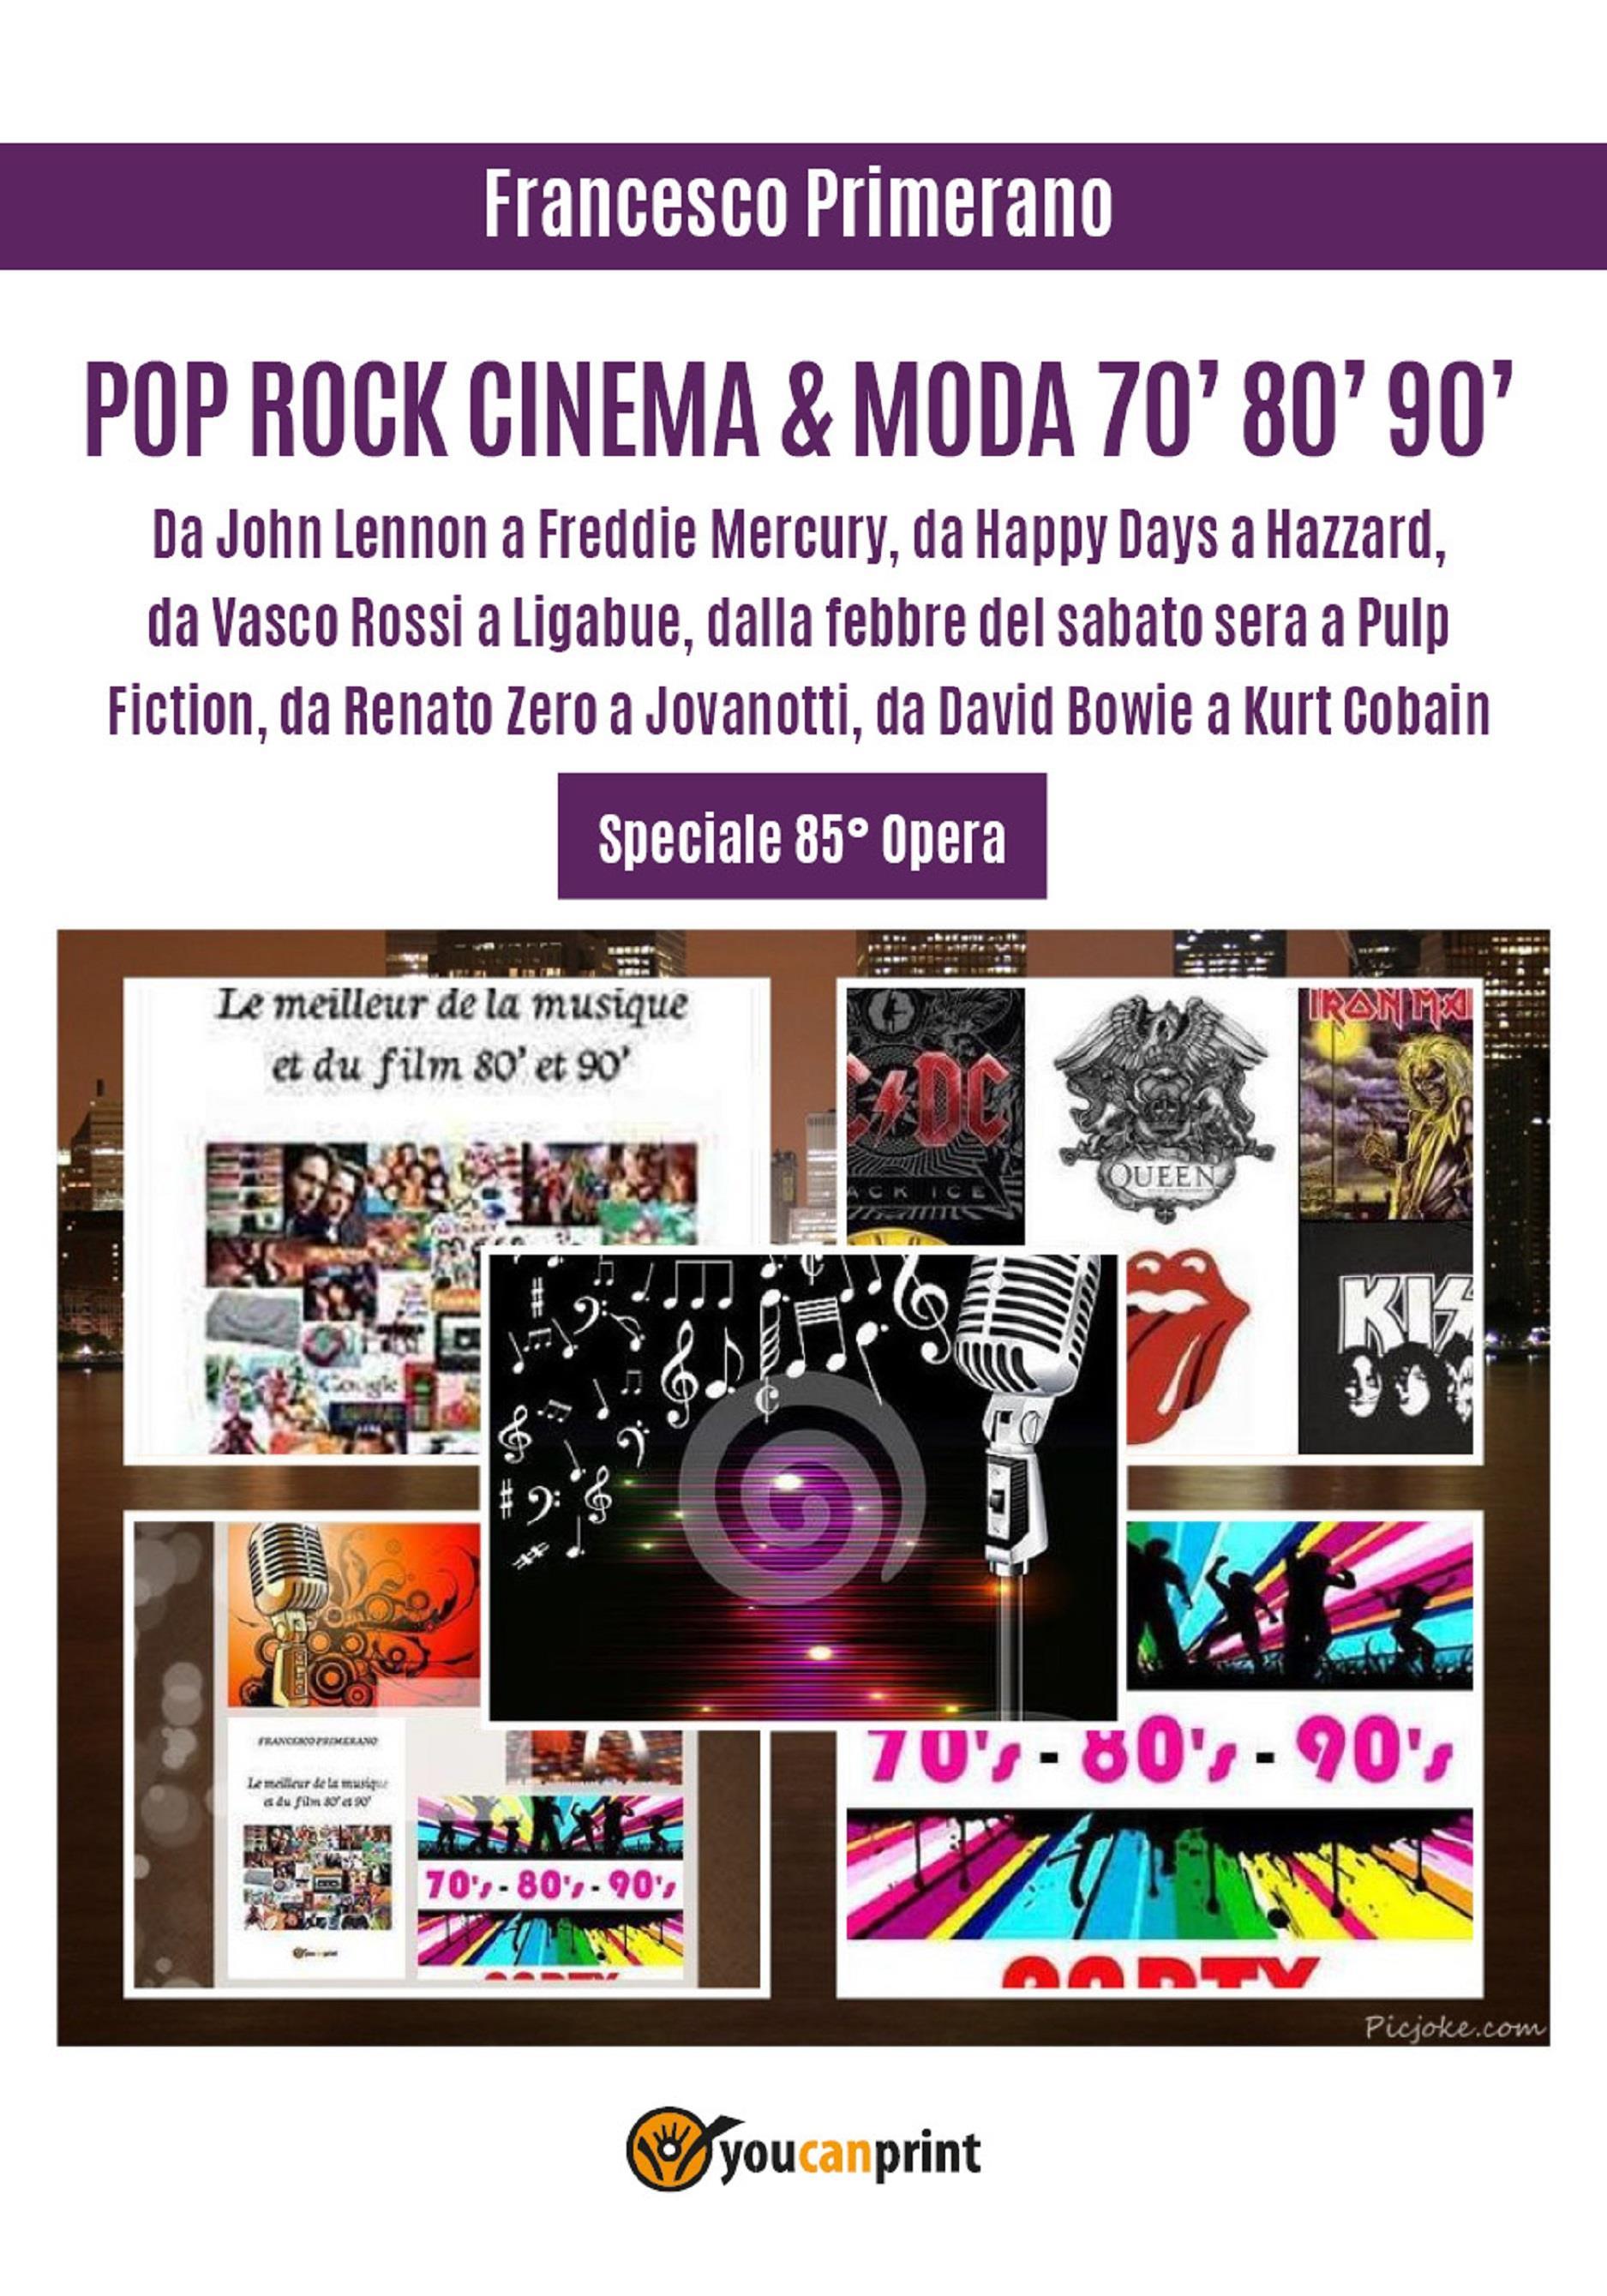 POP ROCK CINEMA & MODA 70' 80' 90': Da John Lennon a Freddie Mercury, da Happy Days a Hazzard, da Vasco Rossi a Ligabue, dalla febbre del sabato sera a Pulp Fiction, da Renato Zero a Jovanotti, da David Bowie a Kurt Cobain